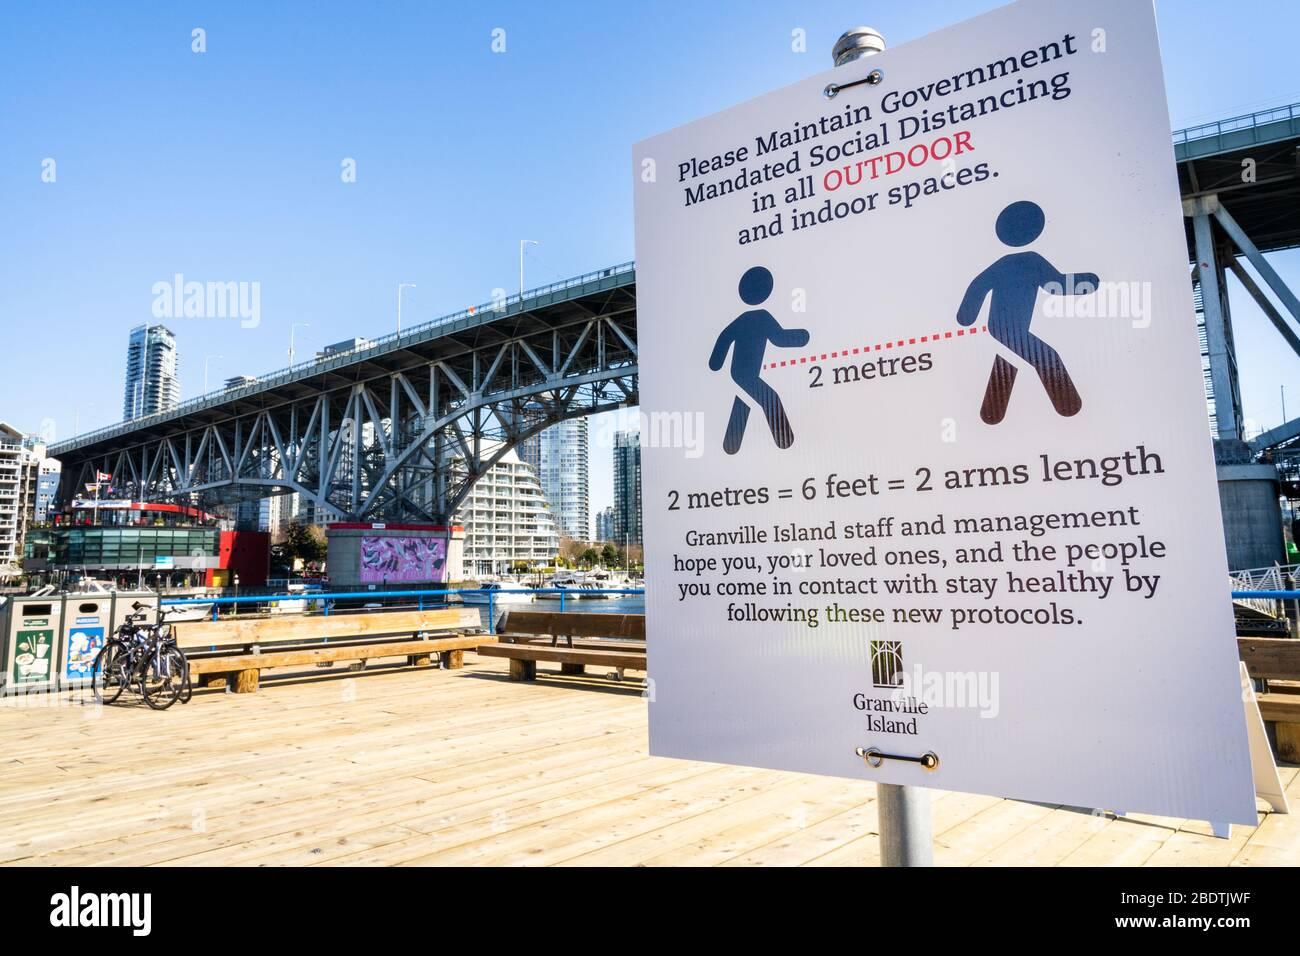 Vancouver, Canada - 7 aprile 2020: Cortile vuoto sull'isola di Granville durante la pandemia di Coronavirus Foto Stock